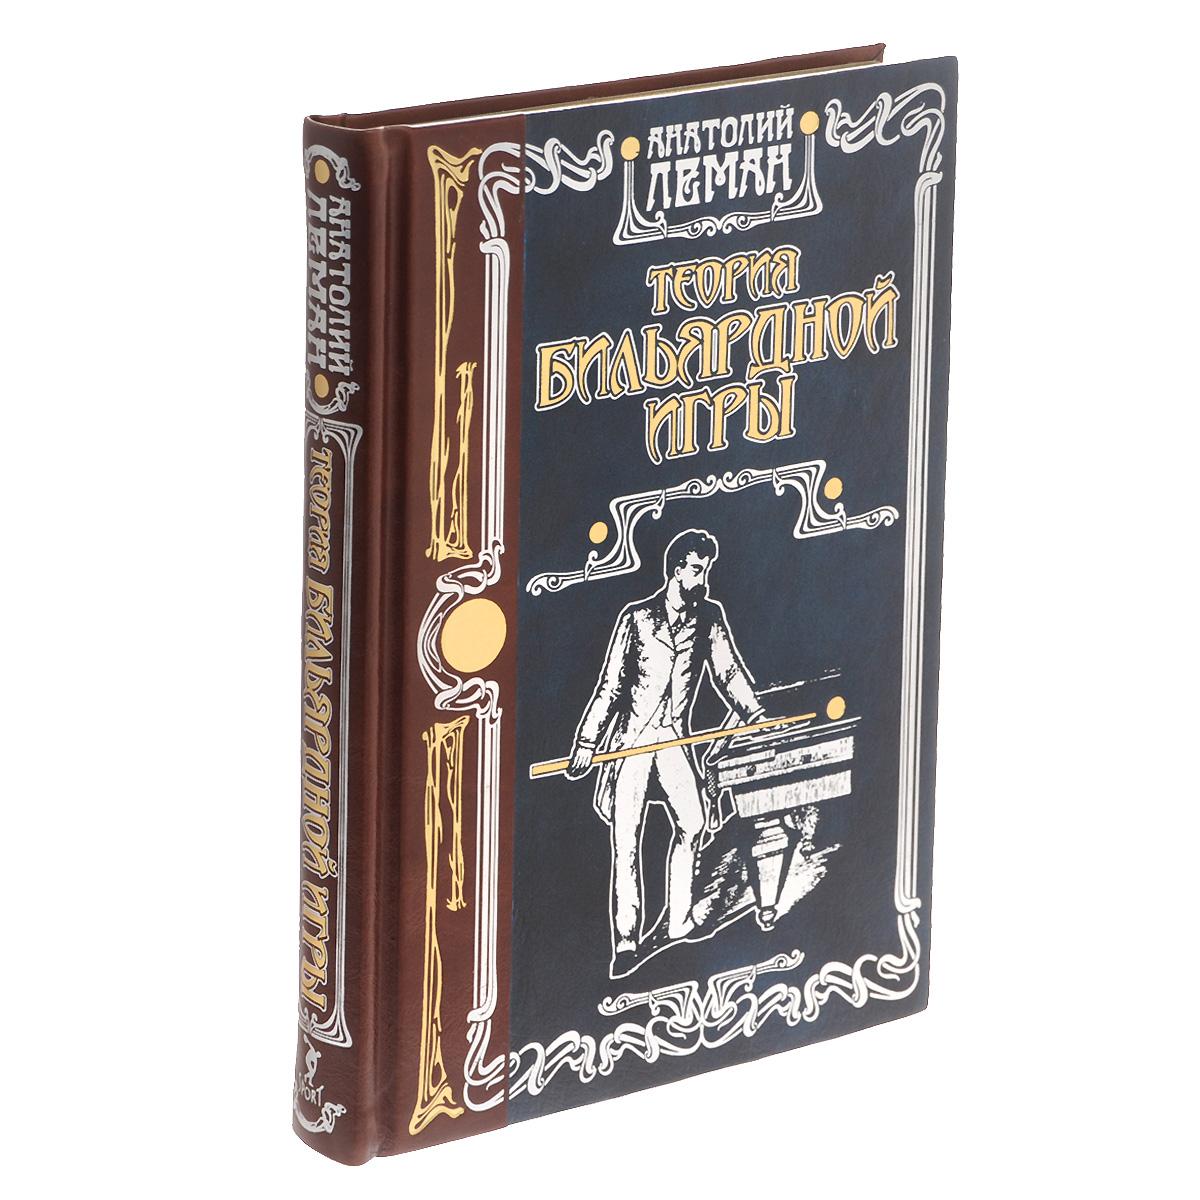 Теория бильярдной игры  (подарочное издание)